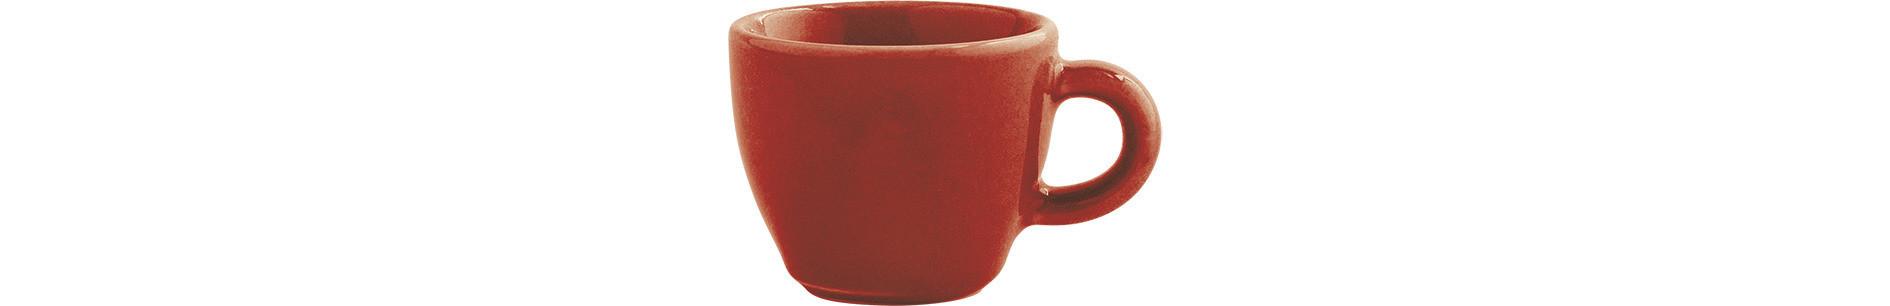 Homestyle, Espressotasse ø 60 mm / 0,03 l siena red